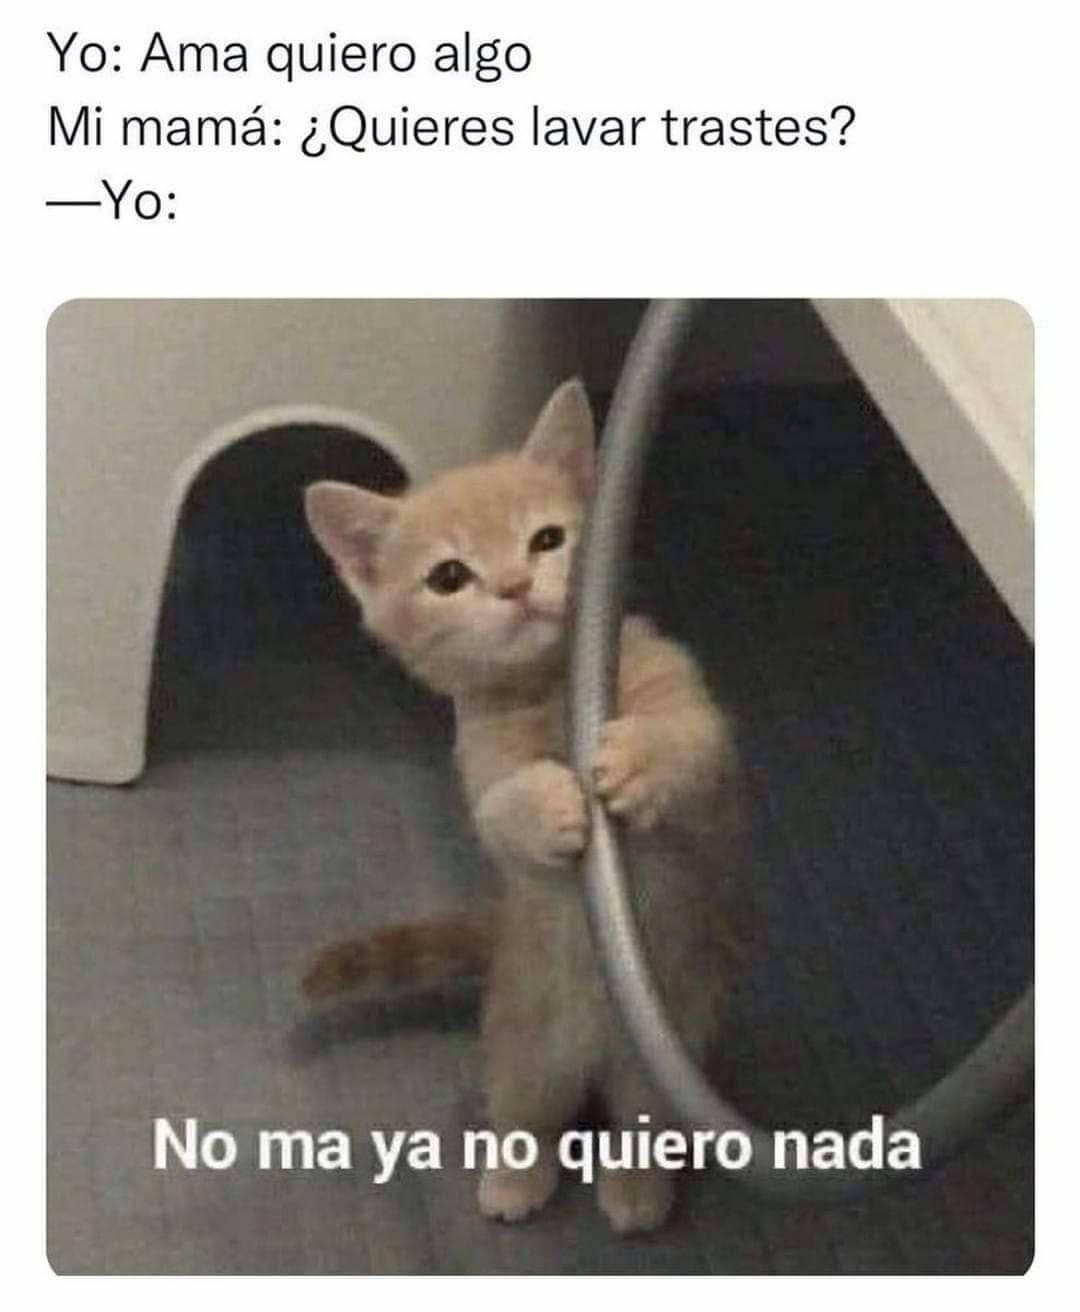 Yo: Amá, quiero algo.  Mi mamá: ¿Quieres lavar trastes?  Yo: No ma ya no quiero nada.